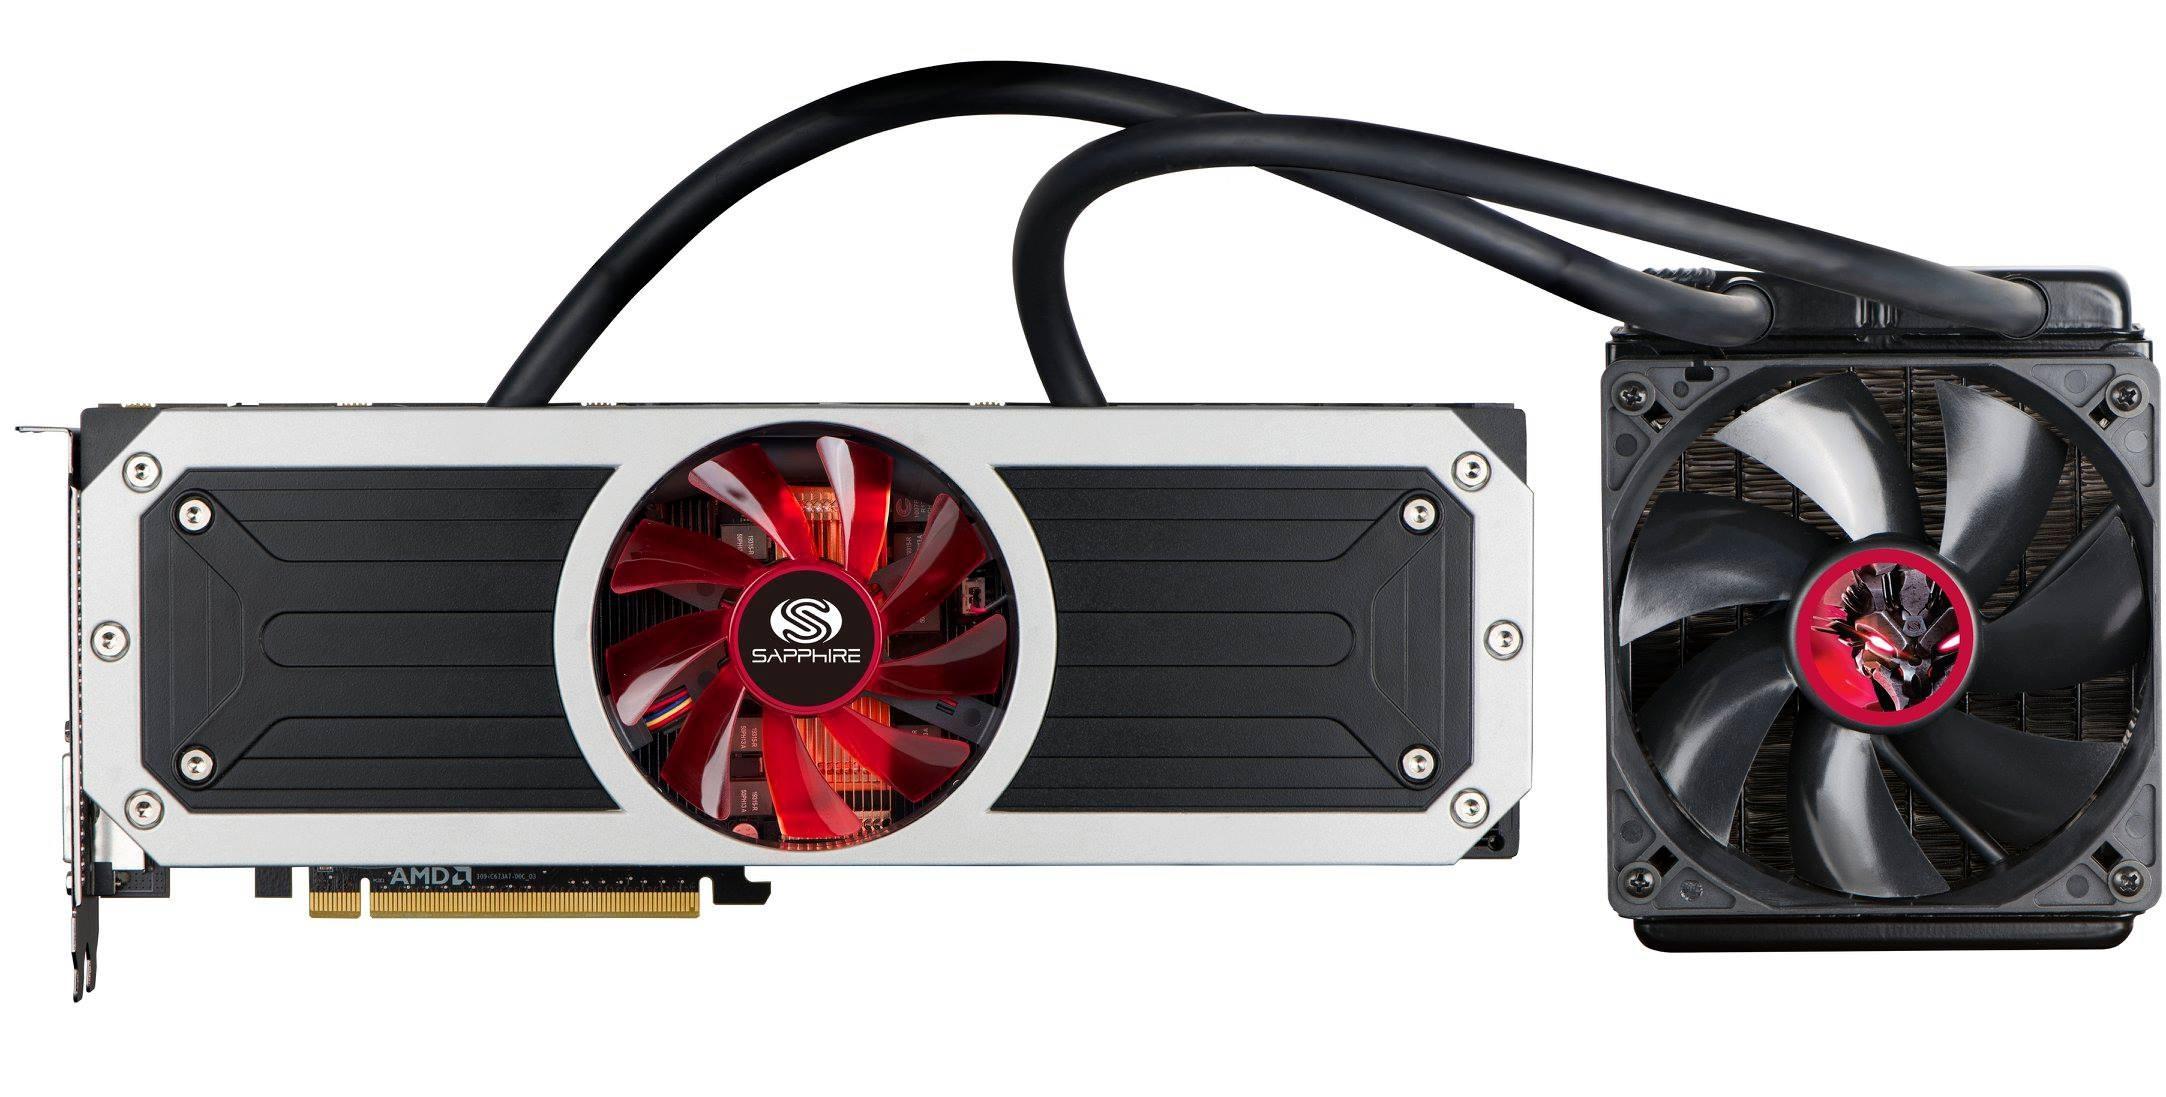 AMD R9 295 X2